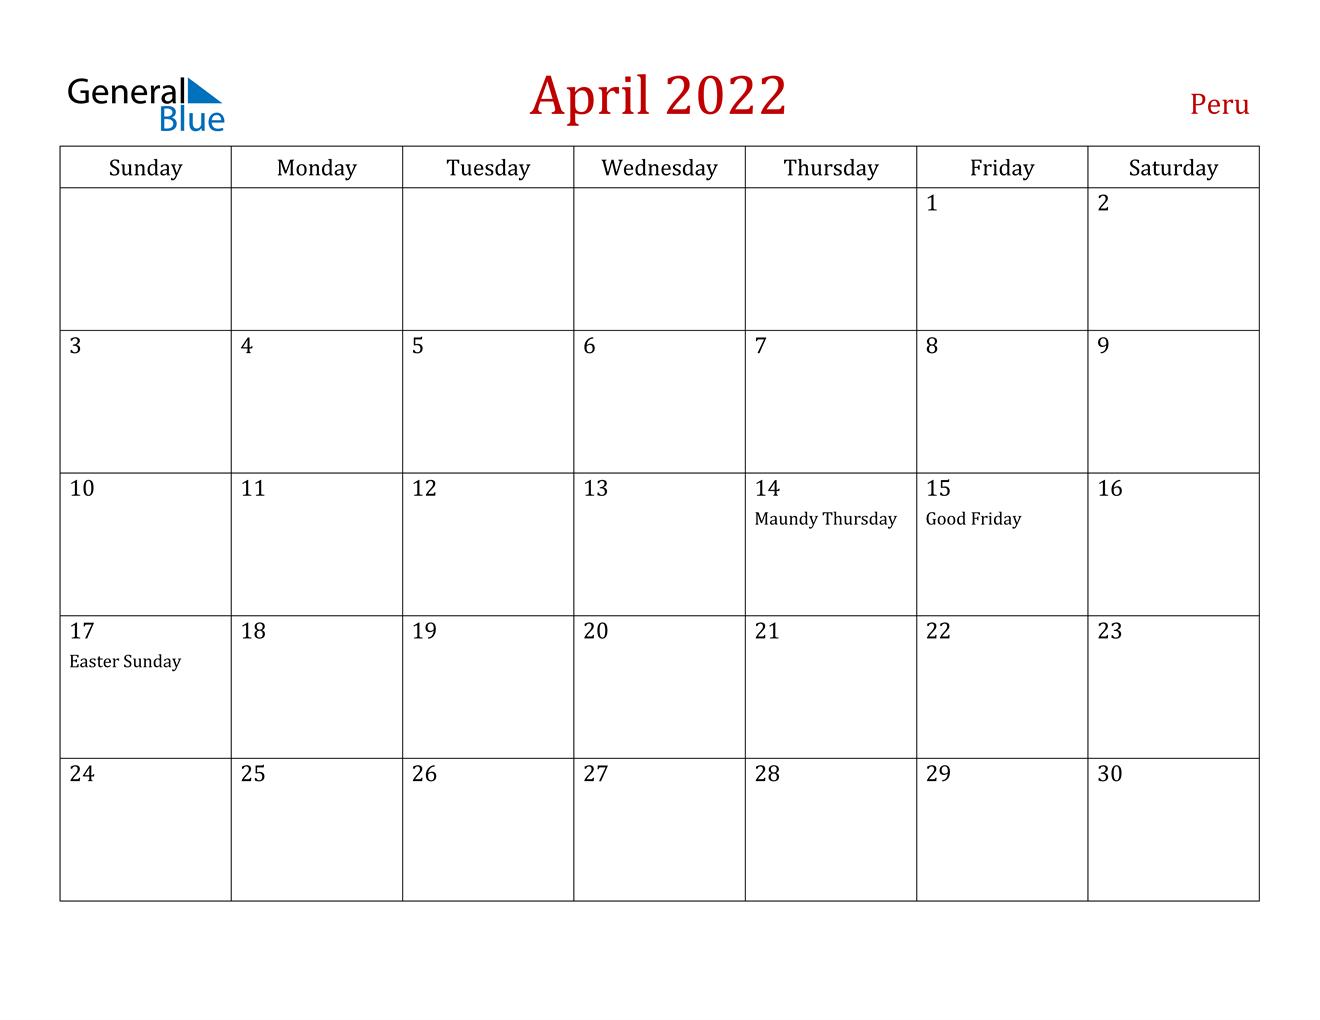 April 2022 Calendar - Peru with Printable Monthly Calendar April 2022